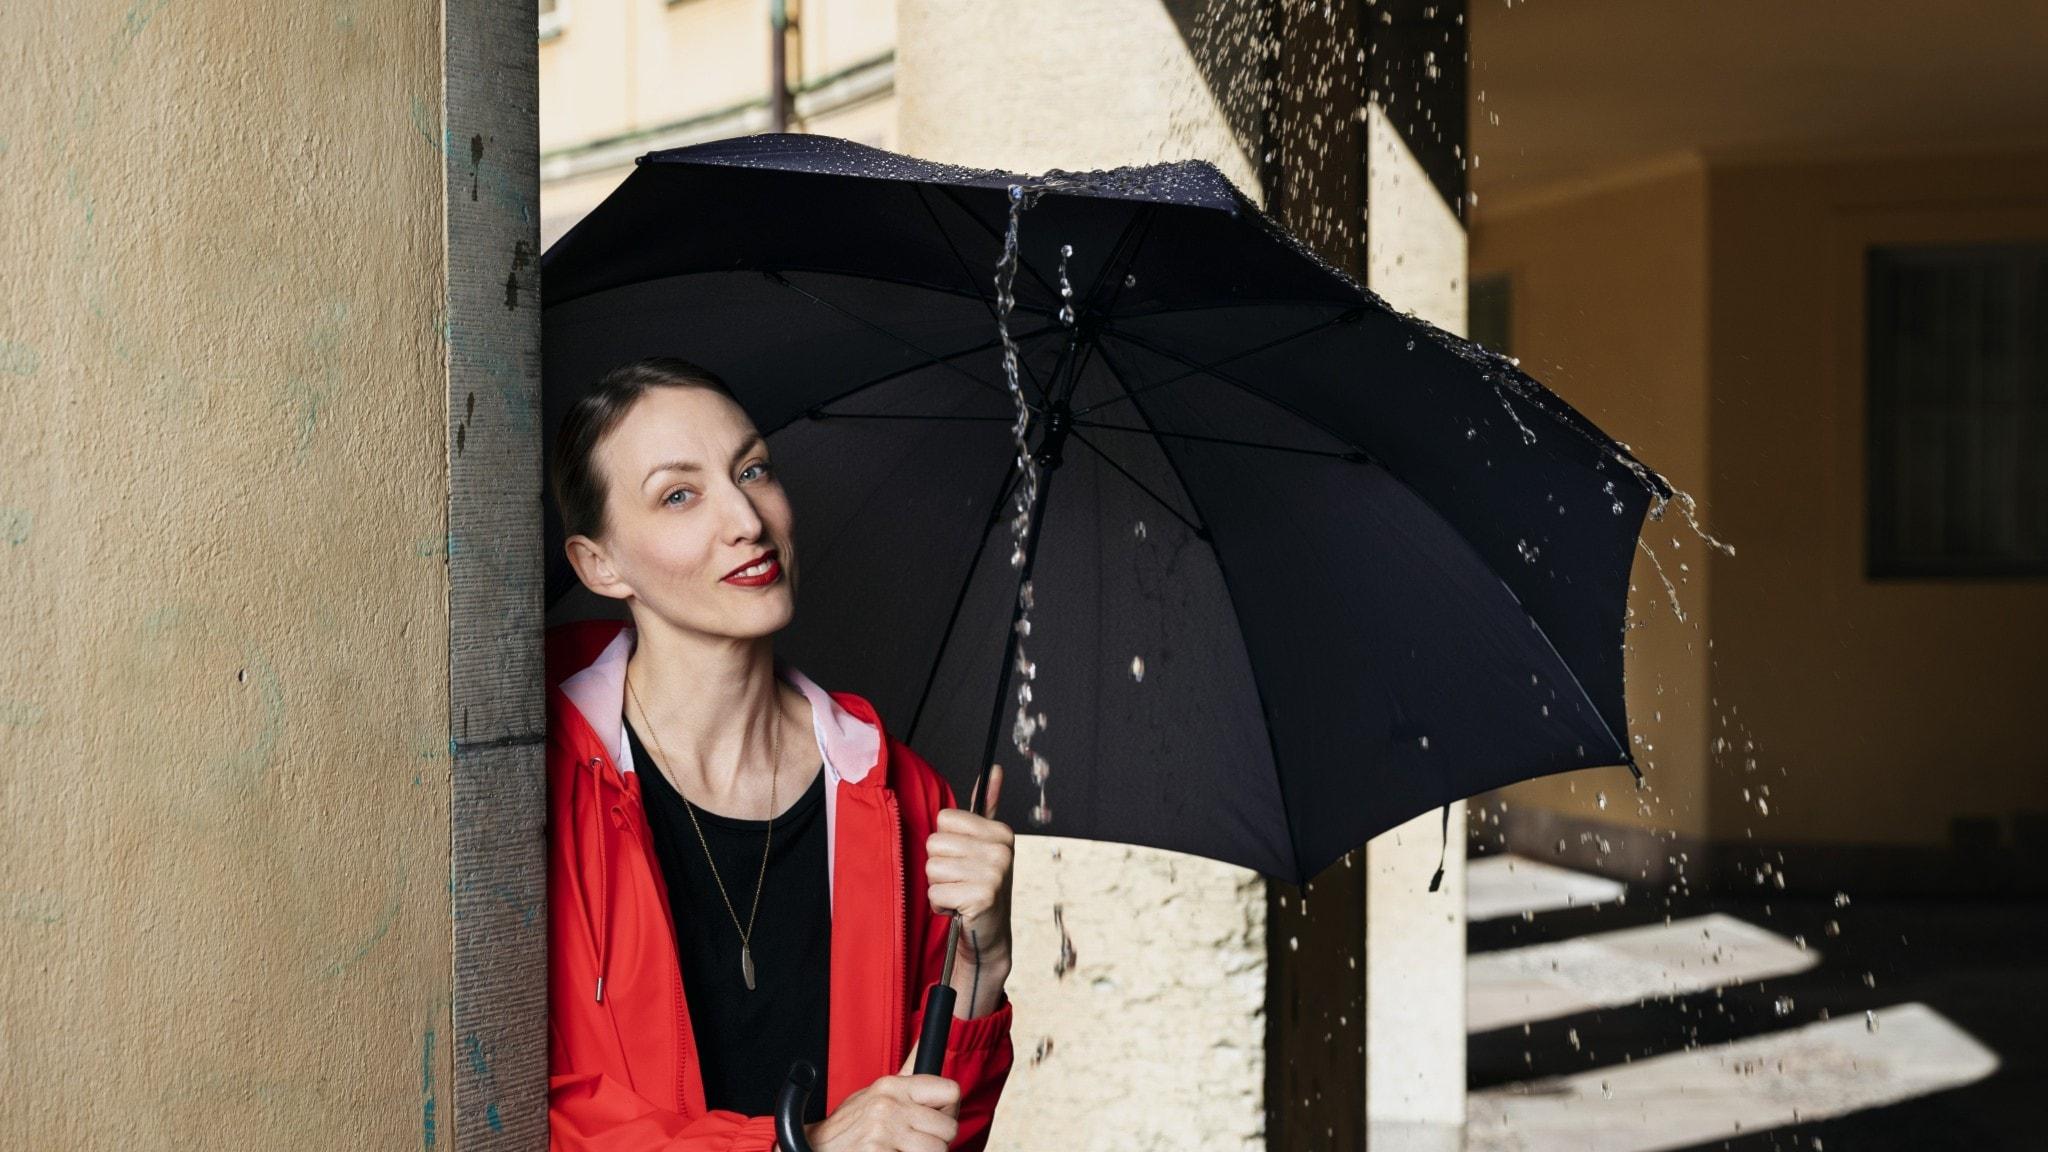 Cecilia Düringer, programledare Historiska väder, står iförd röd regnrock och ett paraply på en solig innergård – men det regnar på paraplyet just där Cecilia står.